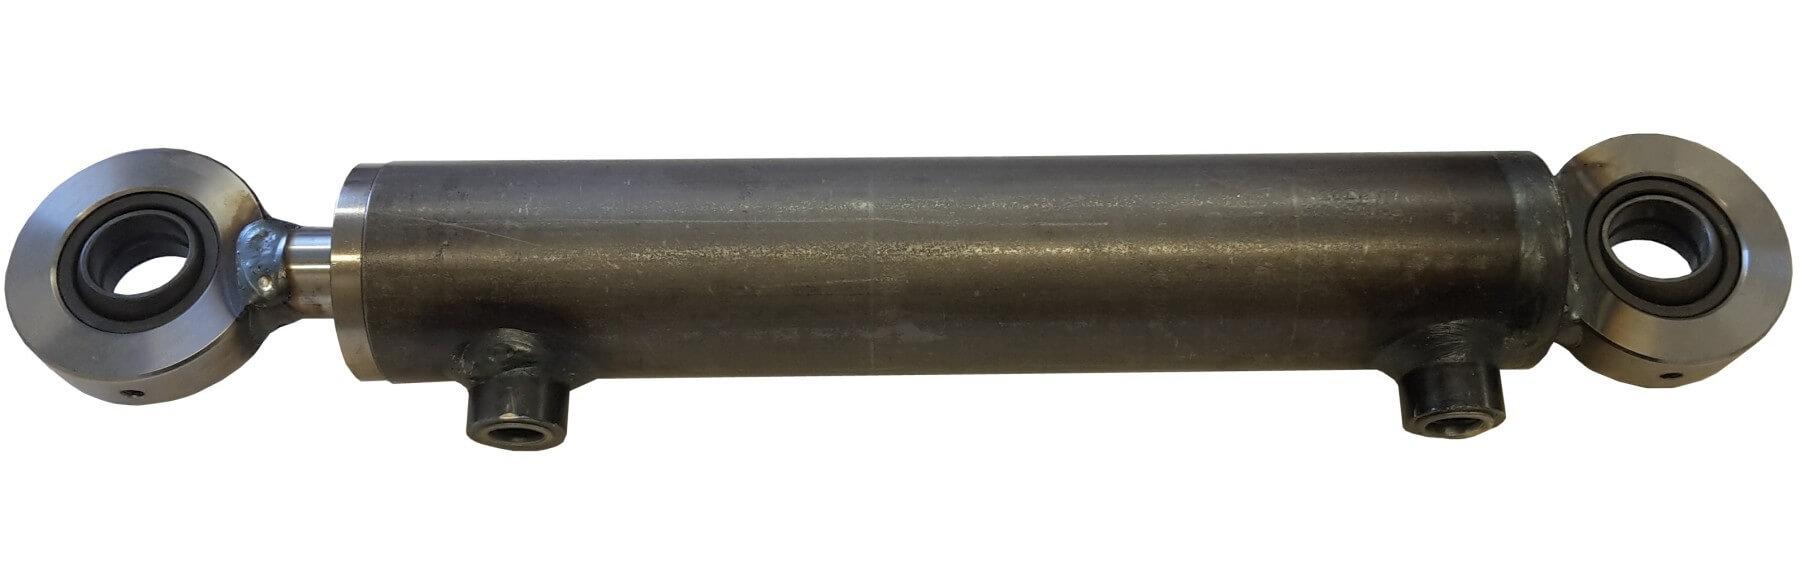 Hydraulisylinteri CL 32. 20. 100 GE - Kailatec Oy Verkkokauppa